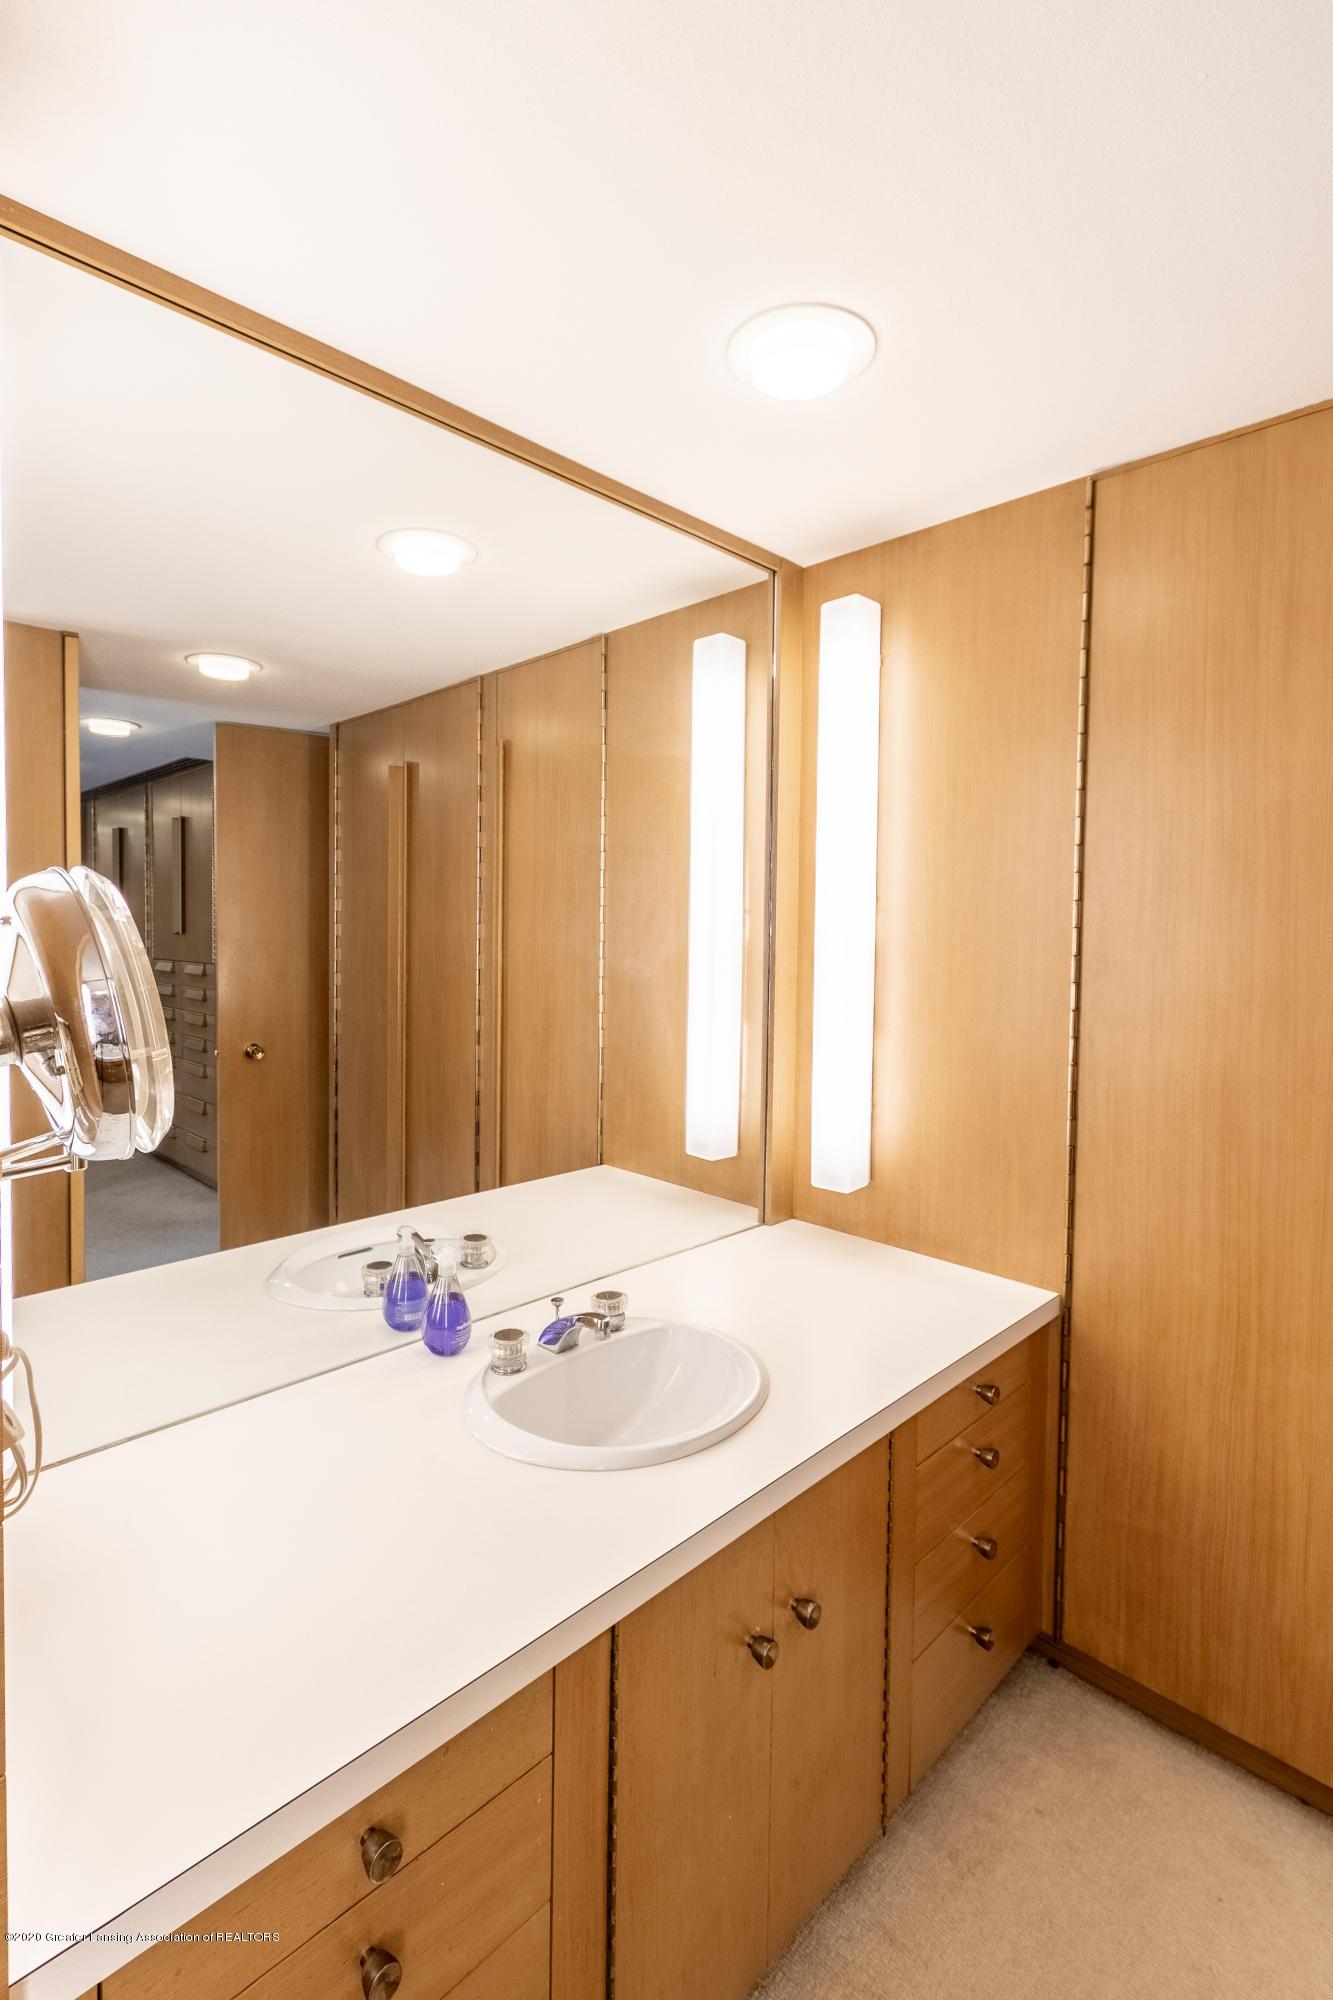 1172 Wrightwind Dr - Full Bathroom - 45